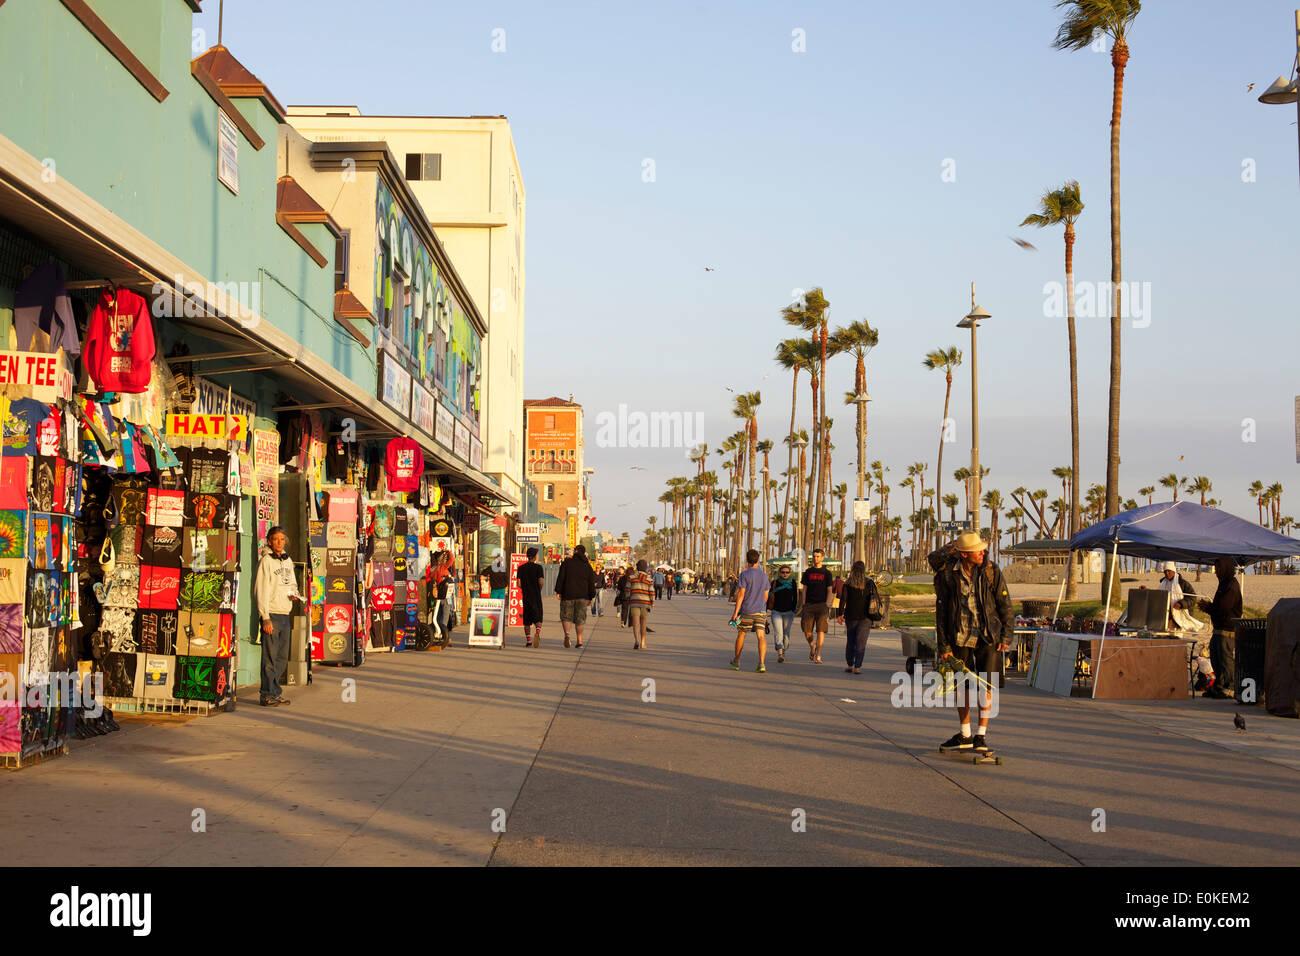 Los compradores a pie y un joven skateboards por las soleadas playas de Venice Beach Boardwalk en Los Angeles, California. Imagen De Stock